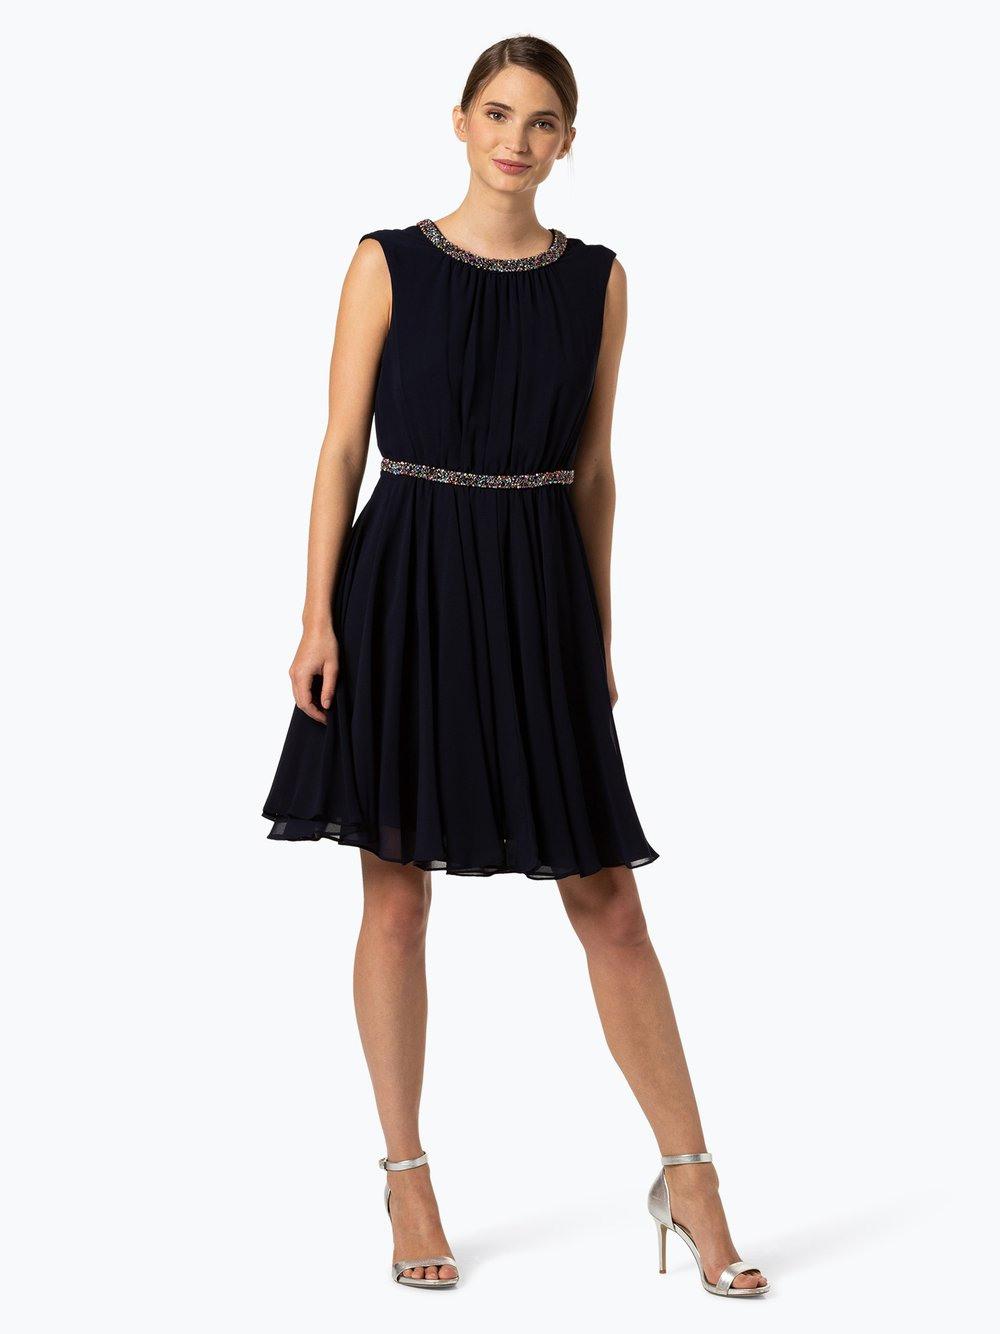 13 Schön Esprit Abendkleid Ärmel Genial Esprit Abendkleid für 2019